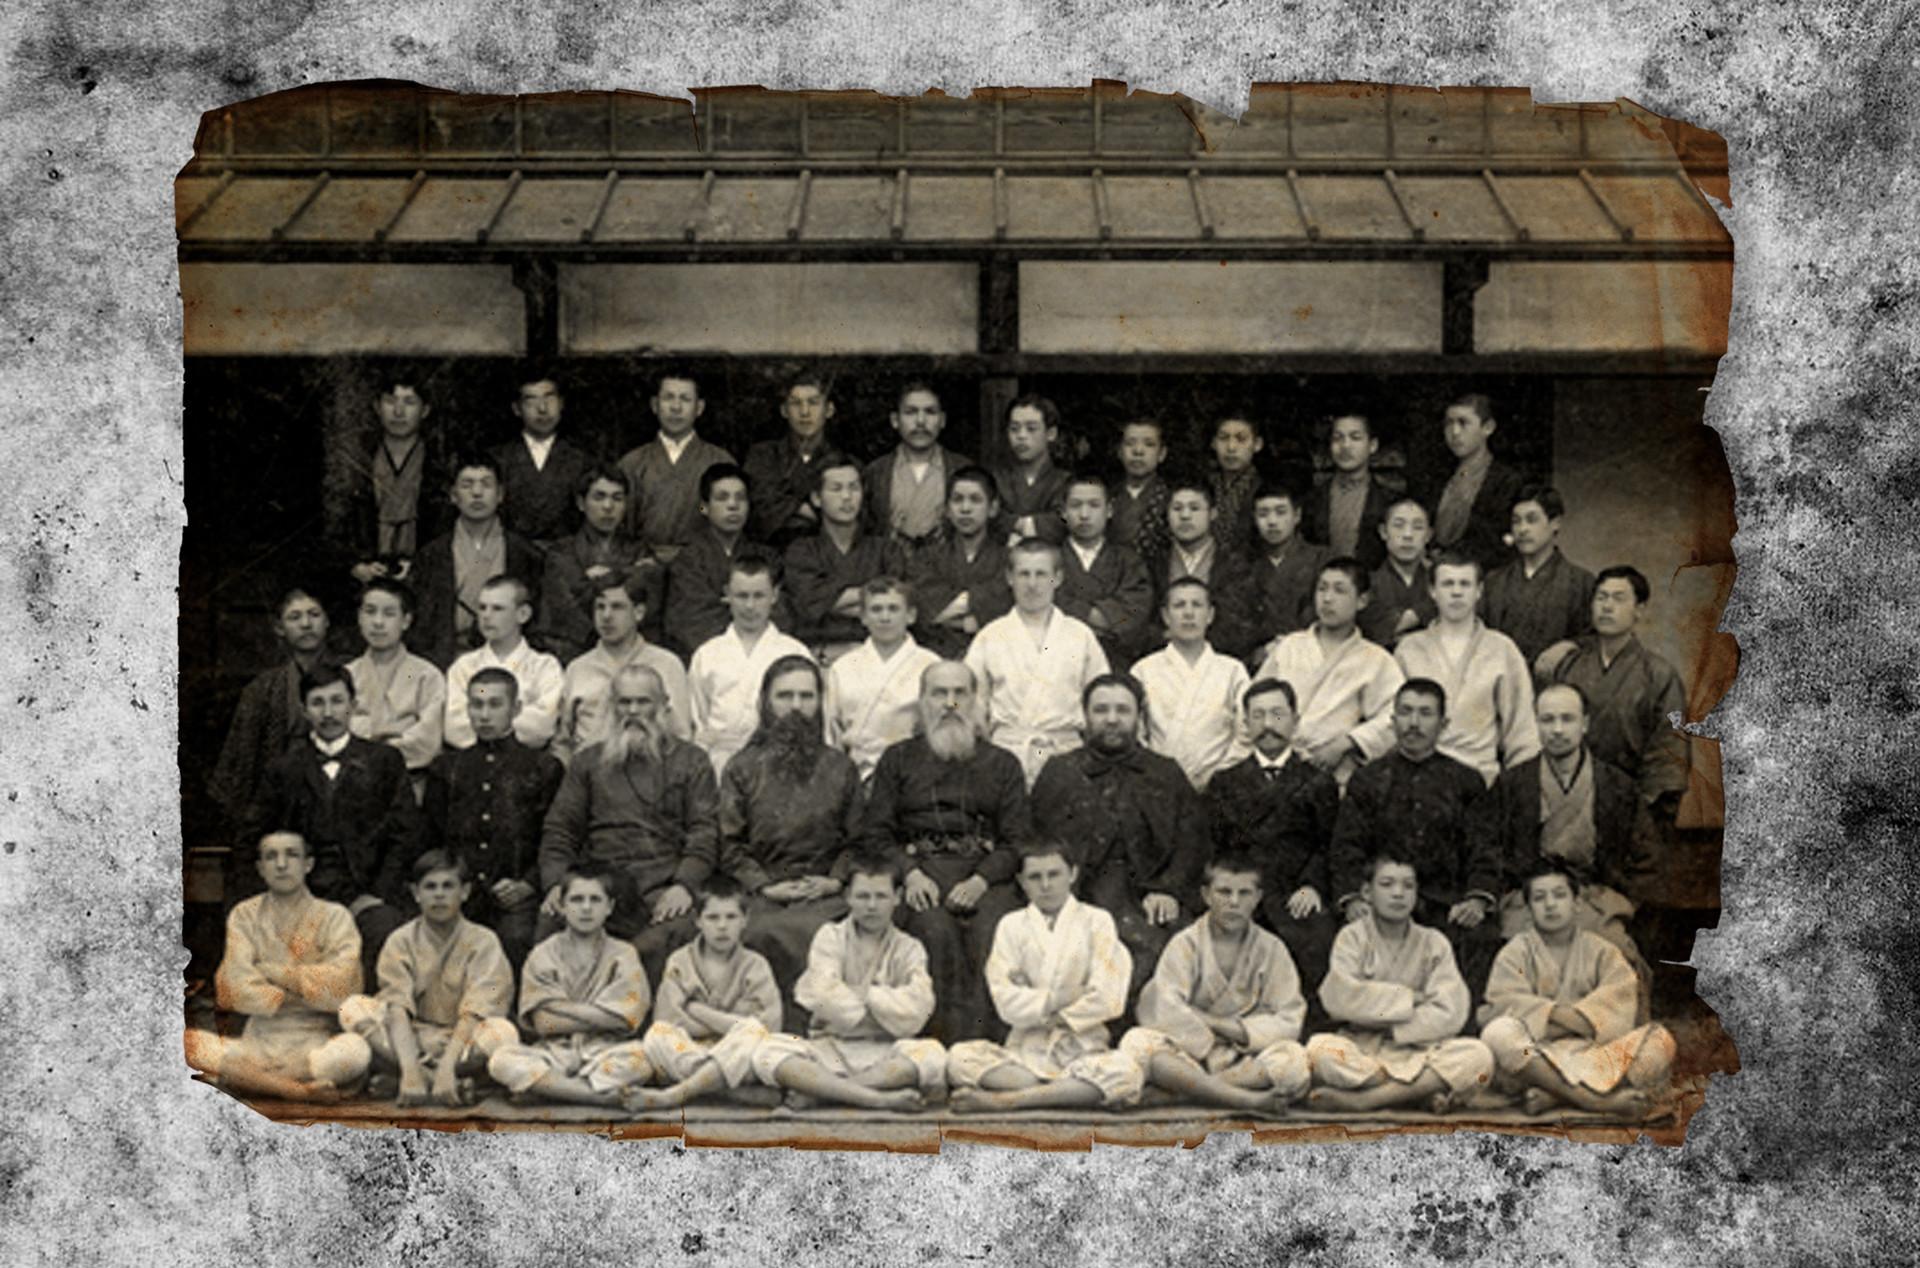 Estudiantes de la misión ortodoxa en Japón. Oschchepkov es el tercero por la izquierda en la tercera fila.